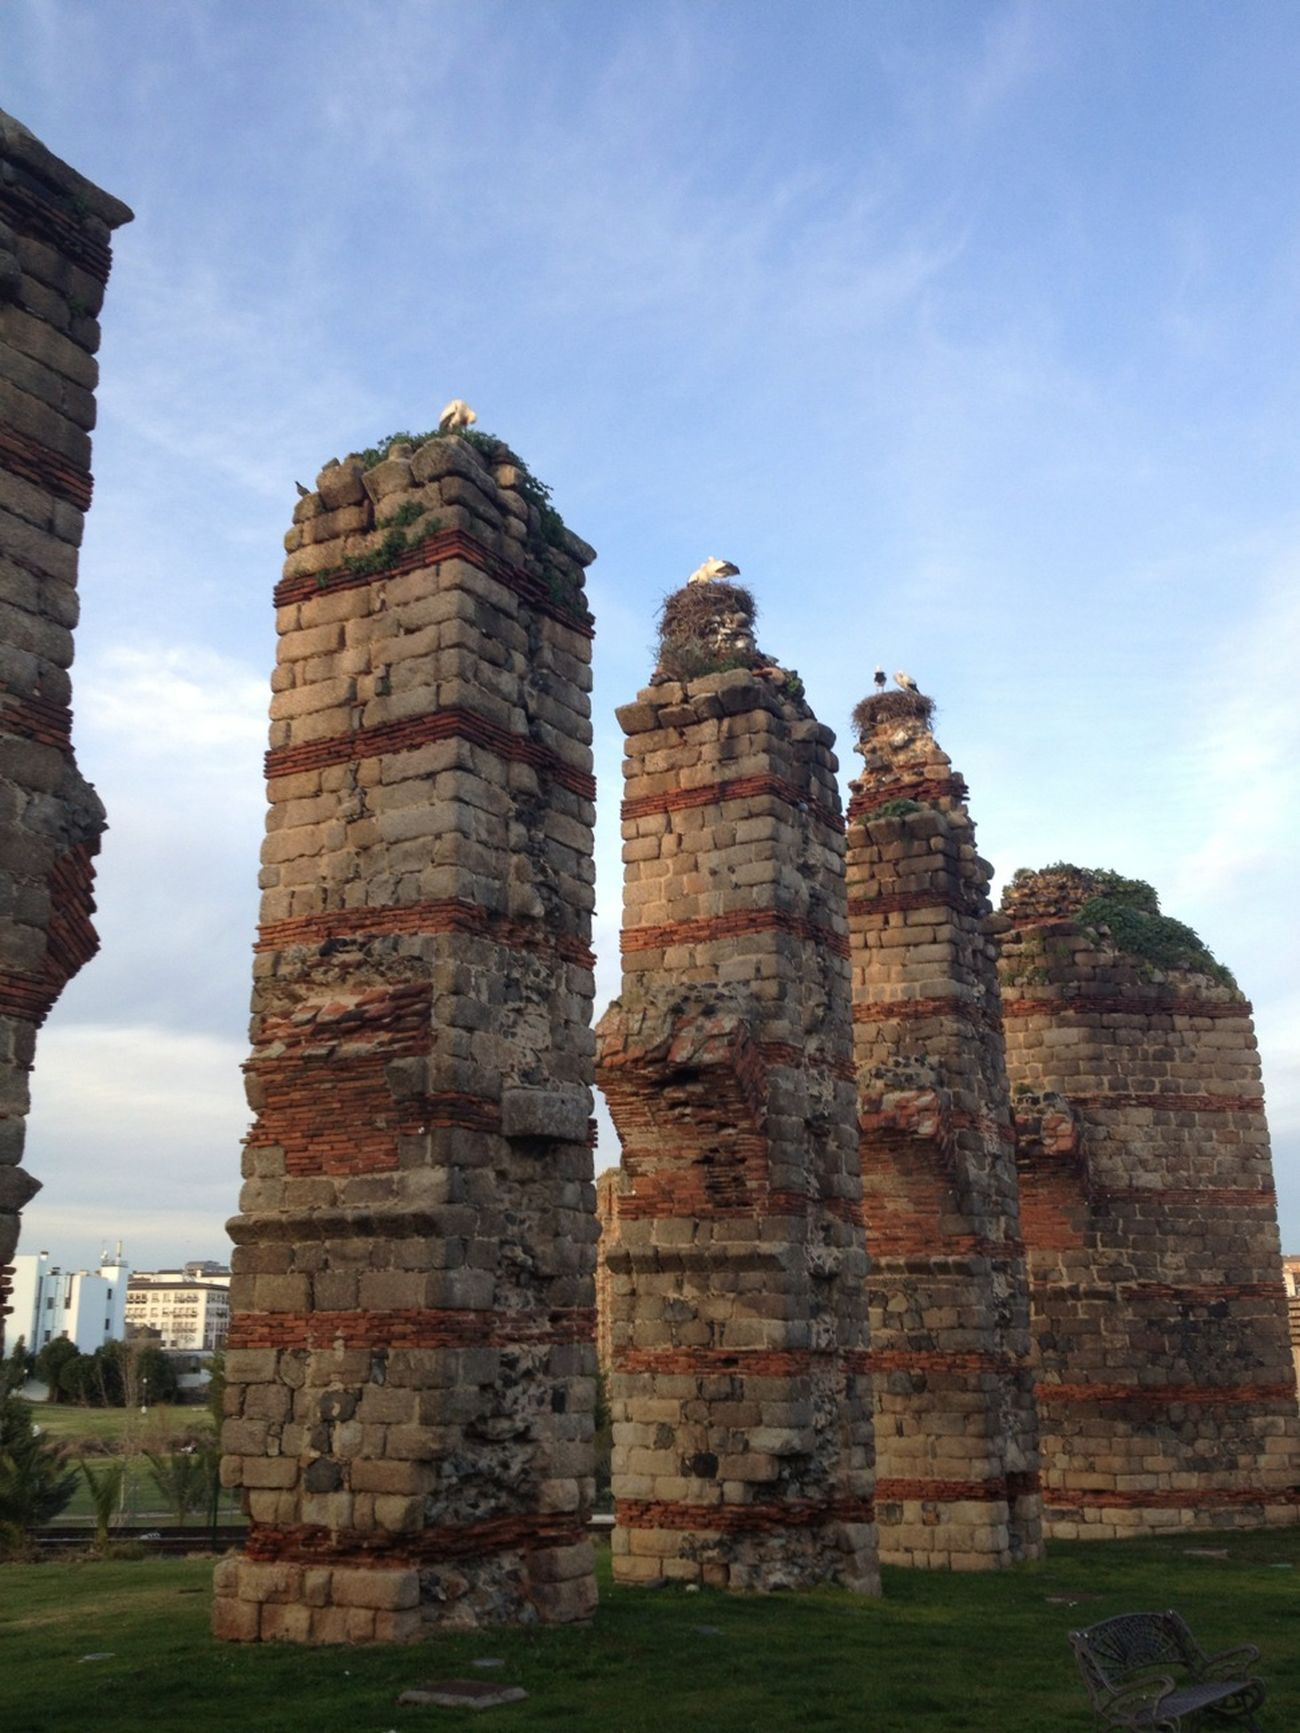 Cigüeñas anidadas en las ruinas romanas ... Qué vistas!!! ;)